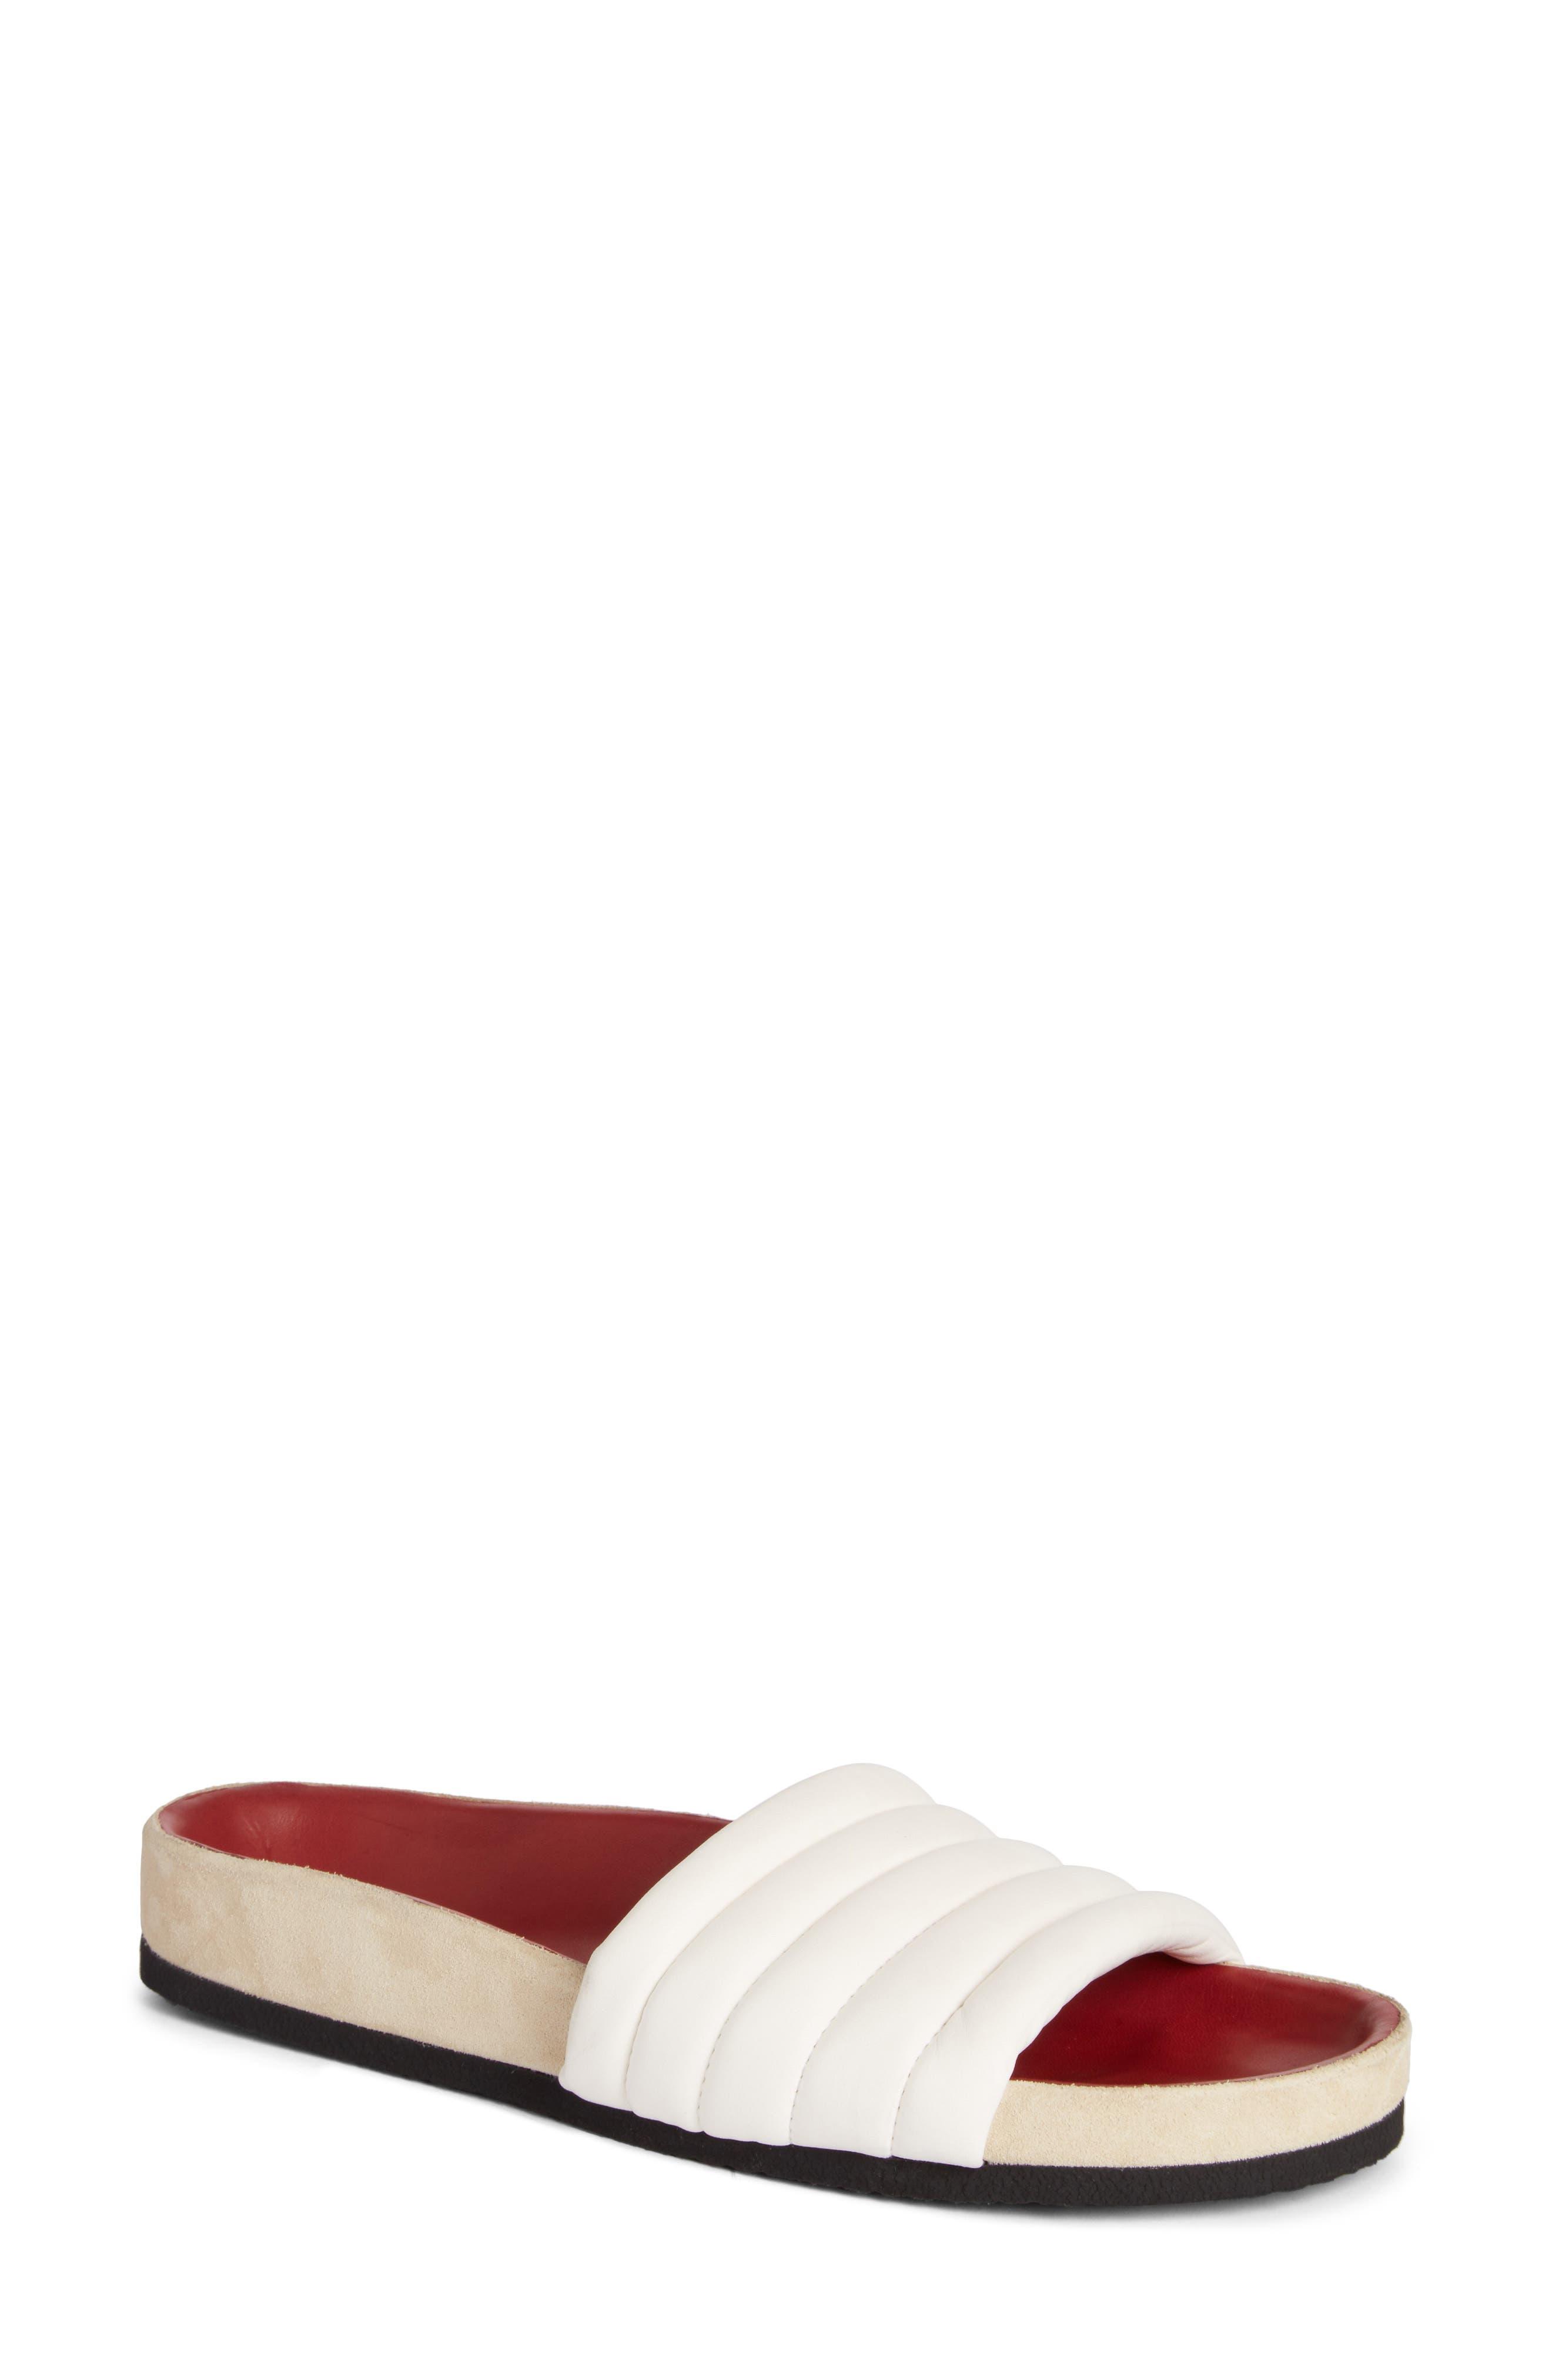 Hellea Slide Sandal,                             Main thumbnail 1, color,                             White